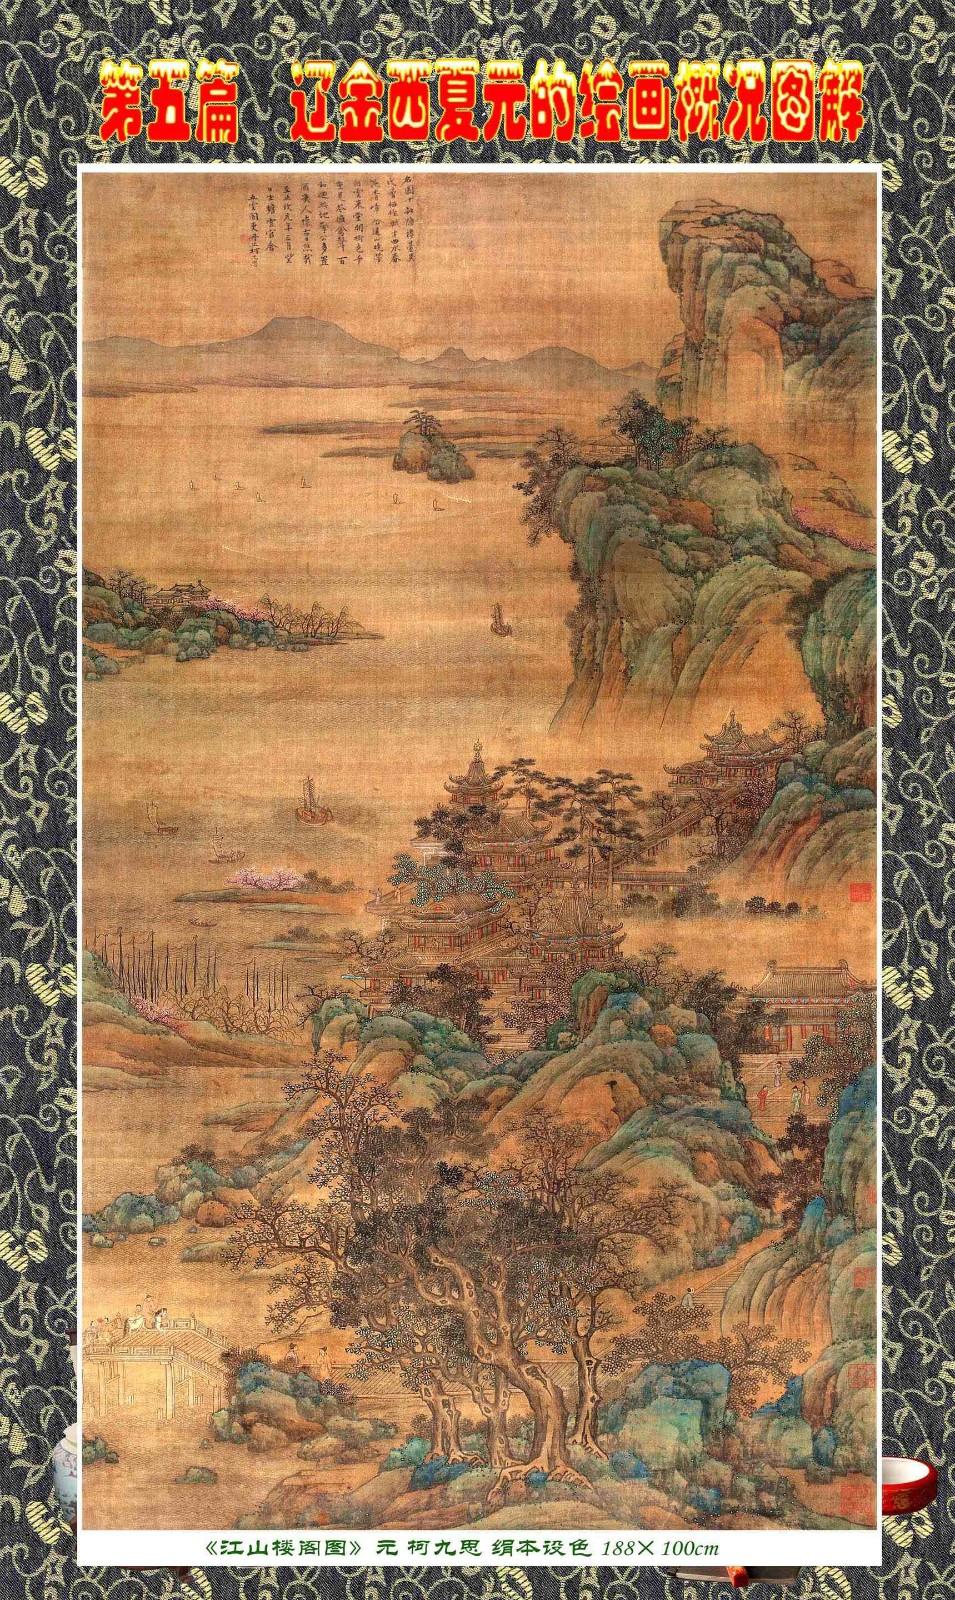 素有诗、书、画三绝之称的柯久思_图1-2